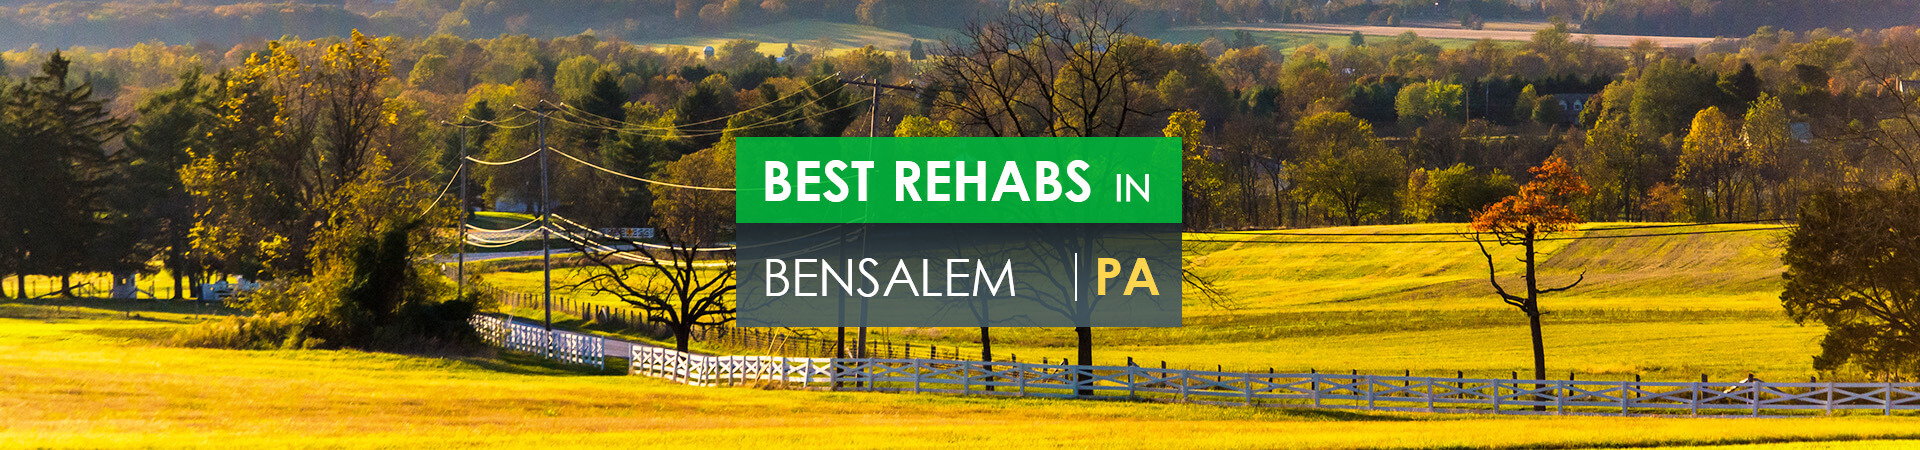 Best rehabs in Bensalem, PA